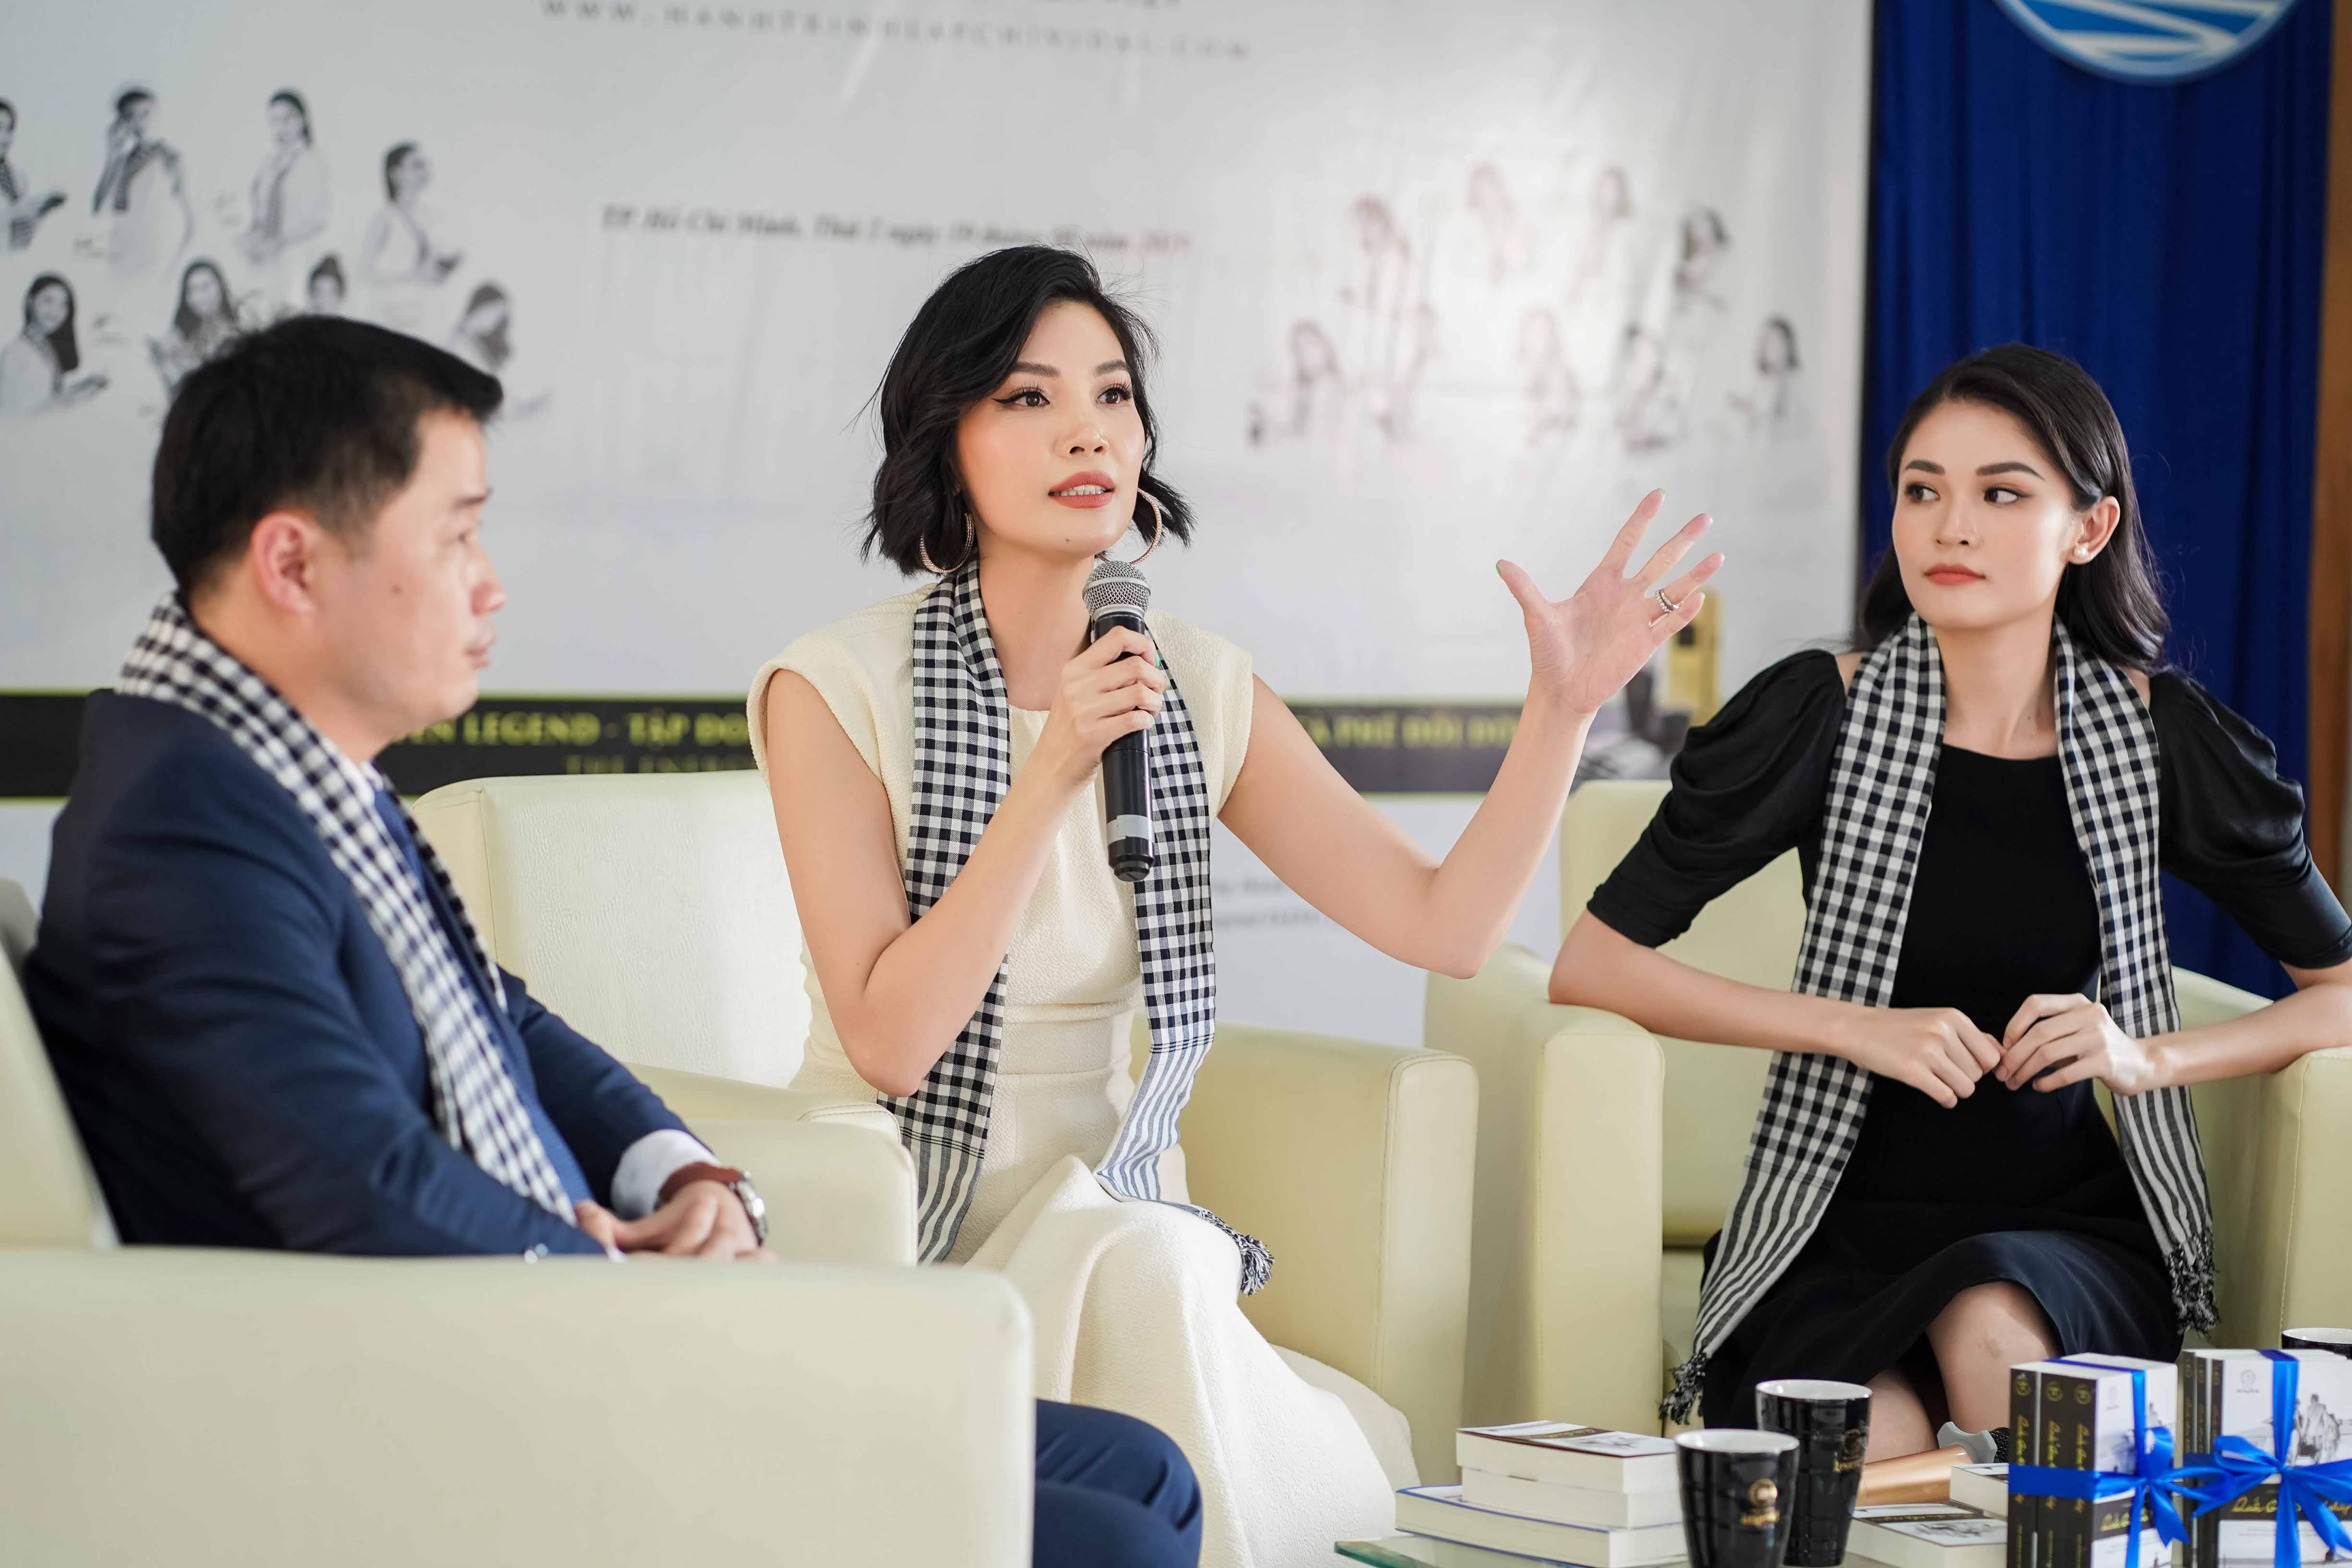 Siêu mẫu Vũ Cẩm Nhung được xế sang của vua cafe Đặng Lê Nguyên Vũ đưa đón đi sự kiện 4